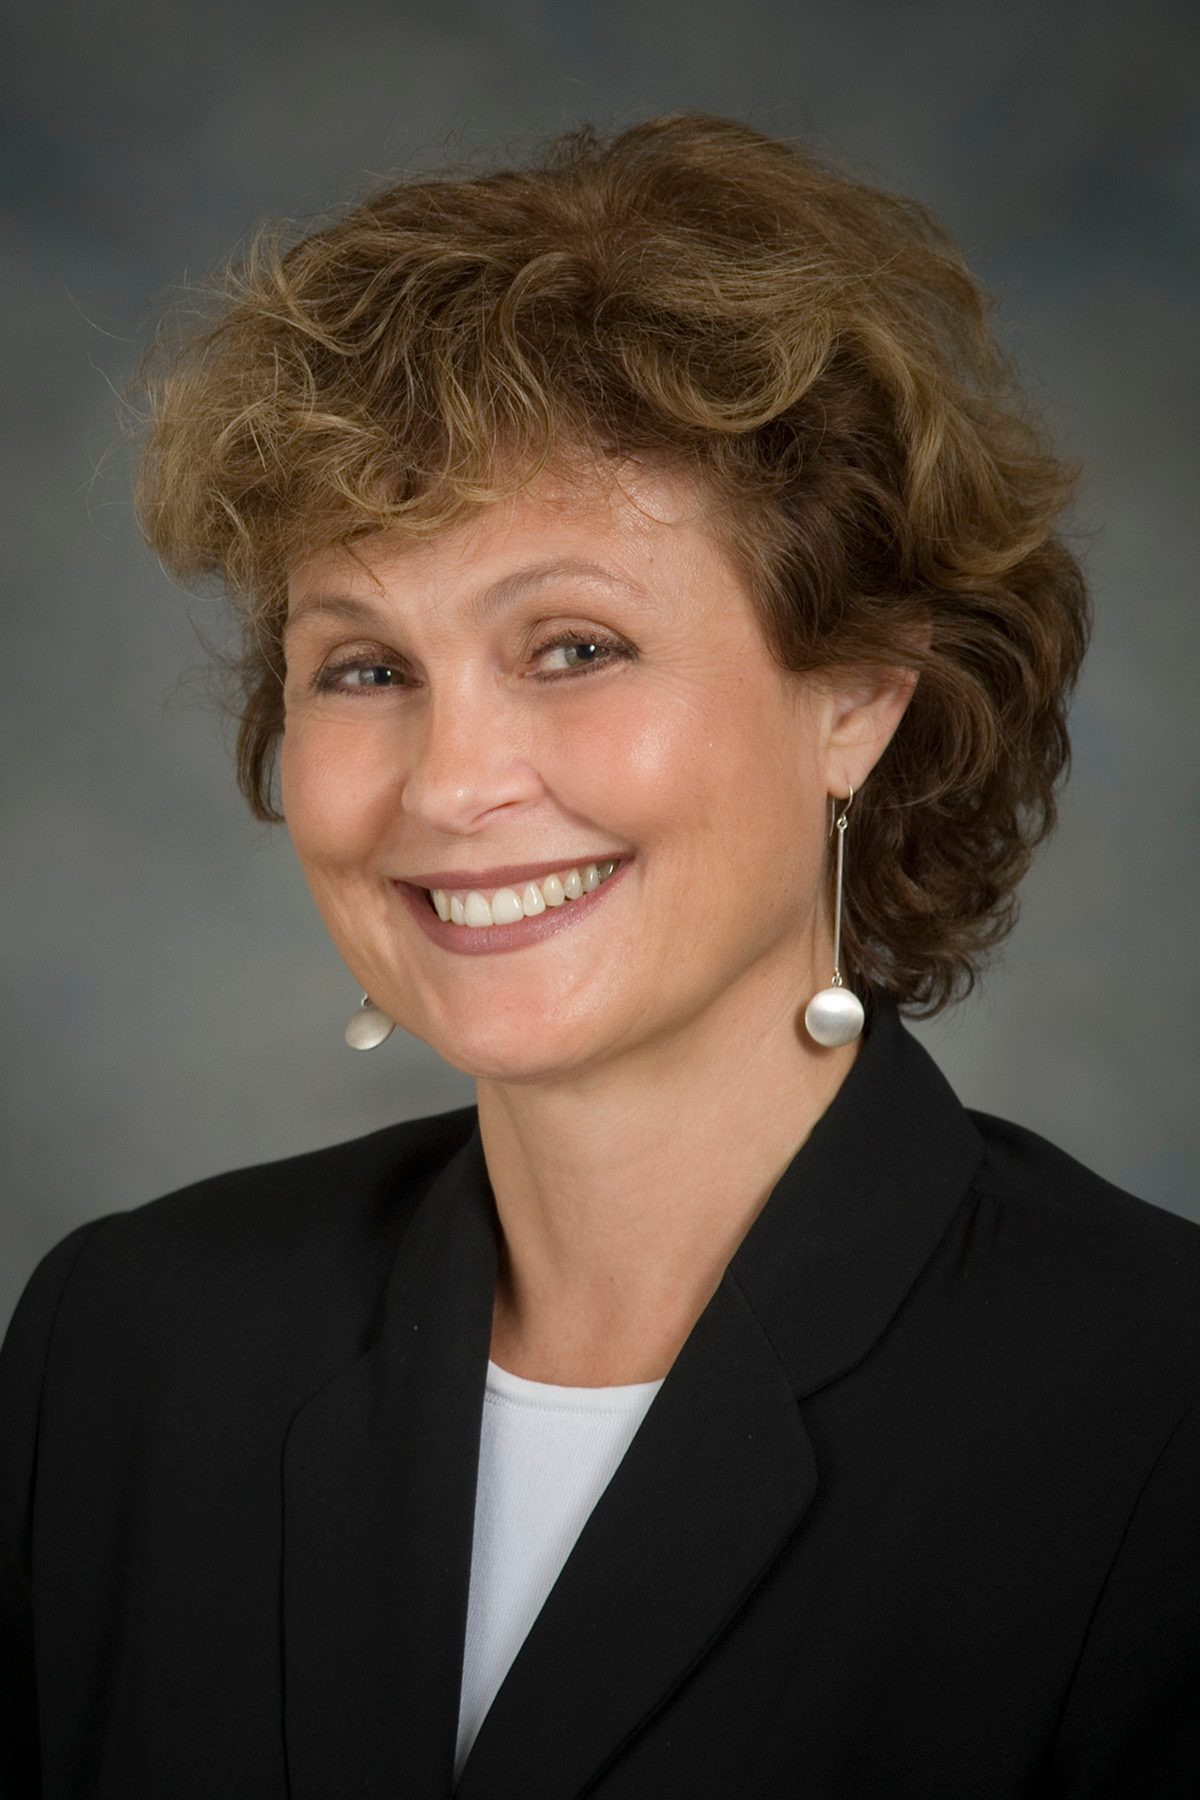 Forum on this topic: Imogen Stubbs (born 1961), maria-zanoli/